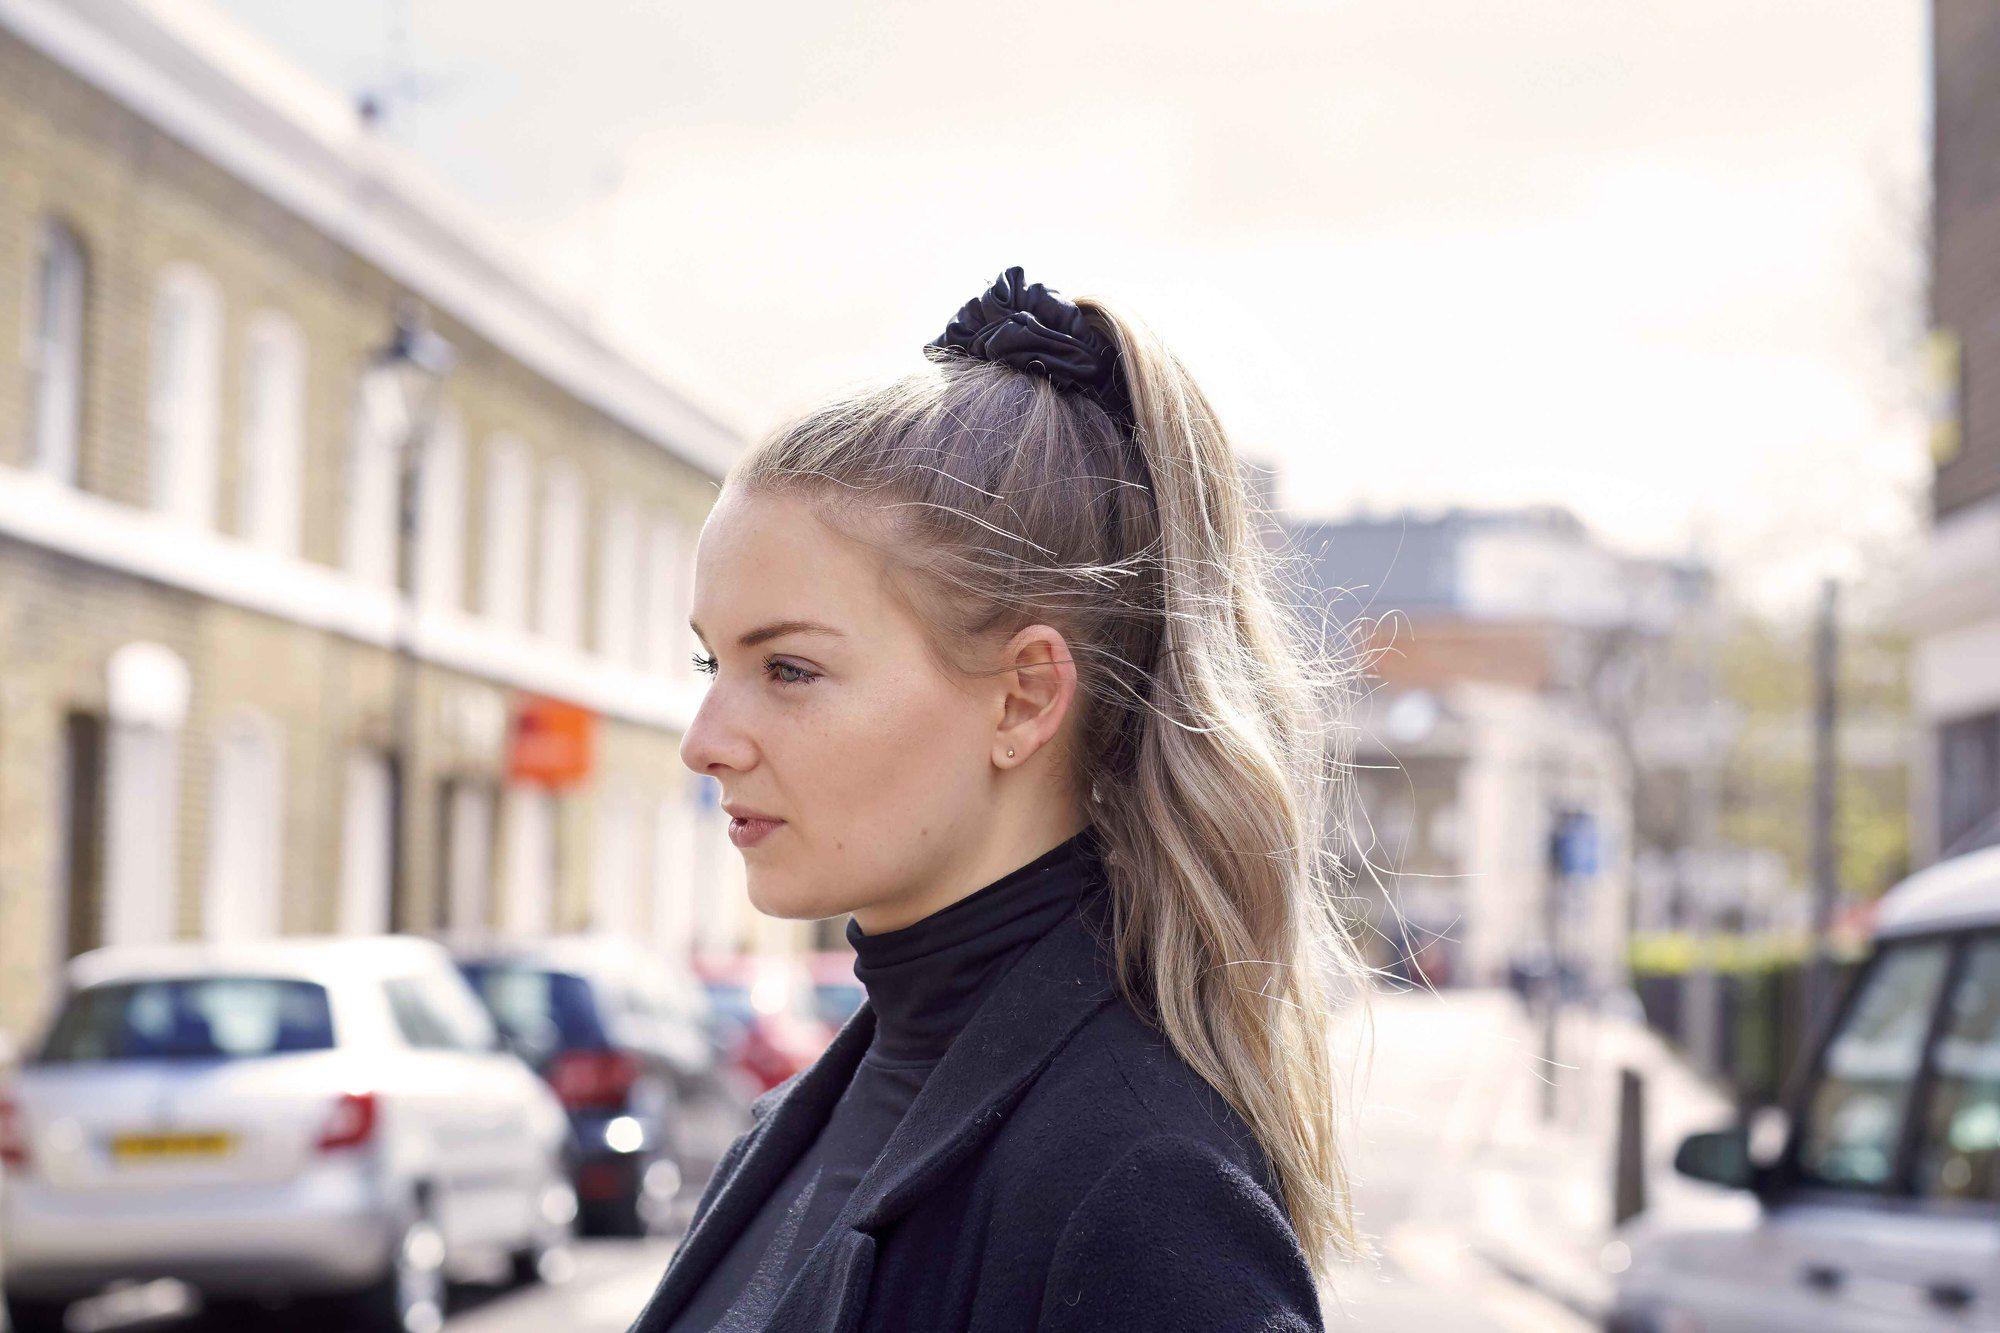 Coiffures faciles pour les cheveux longs: Femme aux cheveux ondulés surlignés blonds en queue de cheval haute avec un chouchou noir portant un haut à col roulé noir et un blazer.